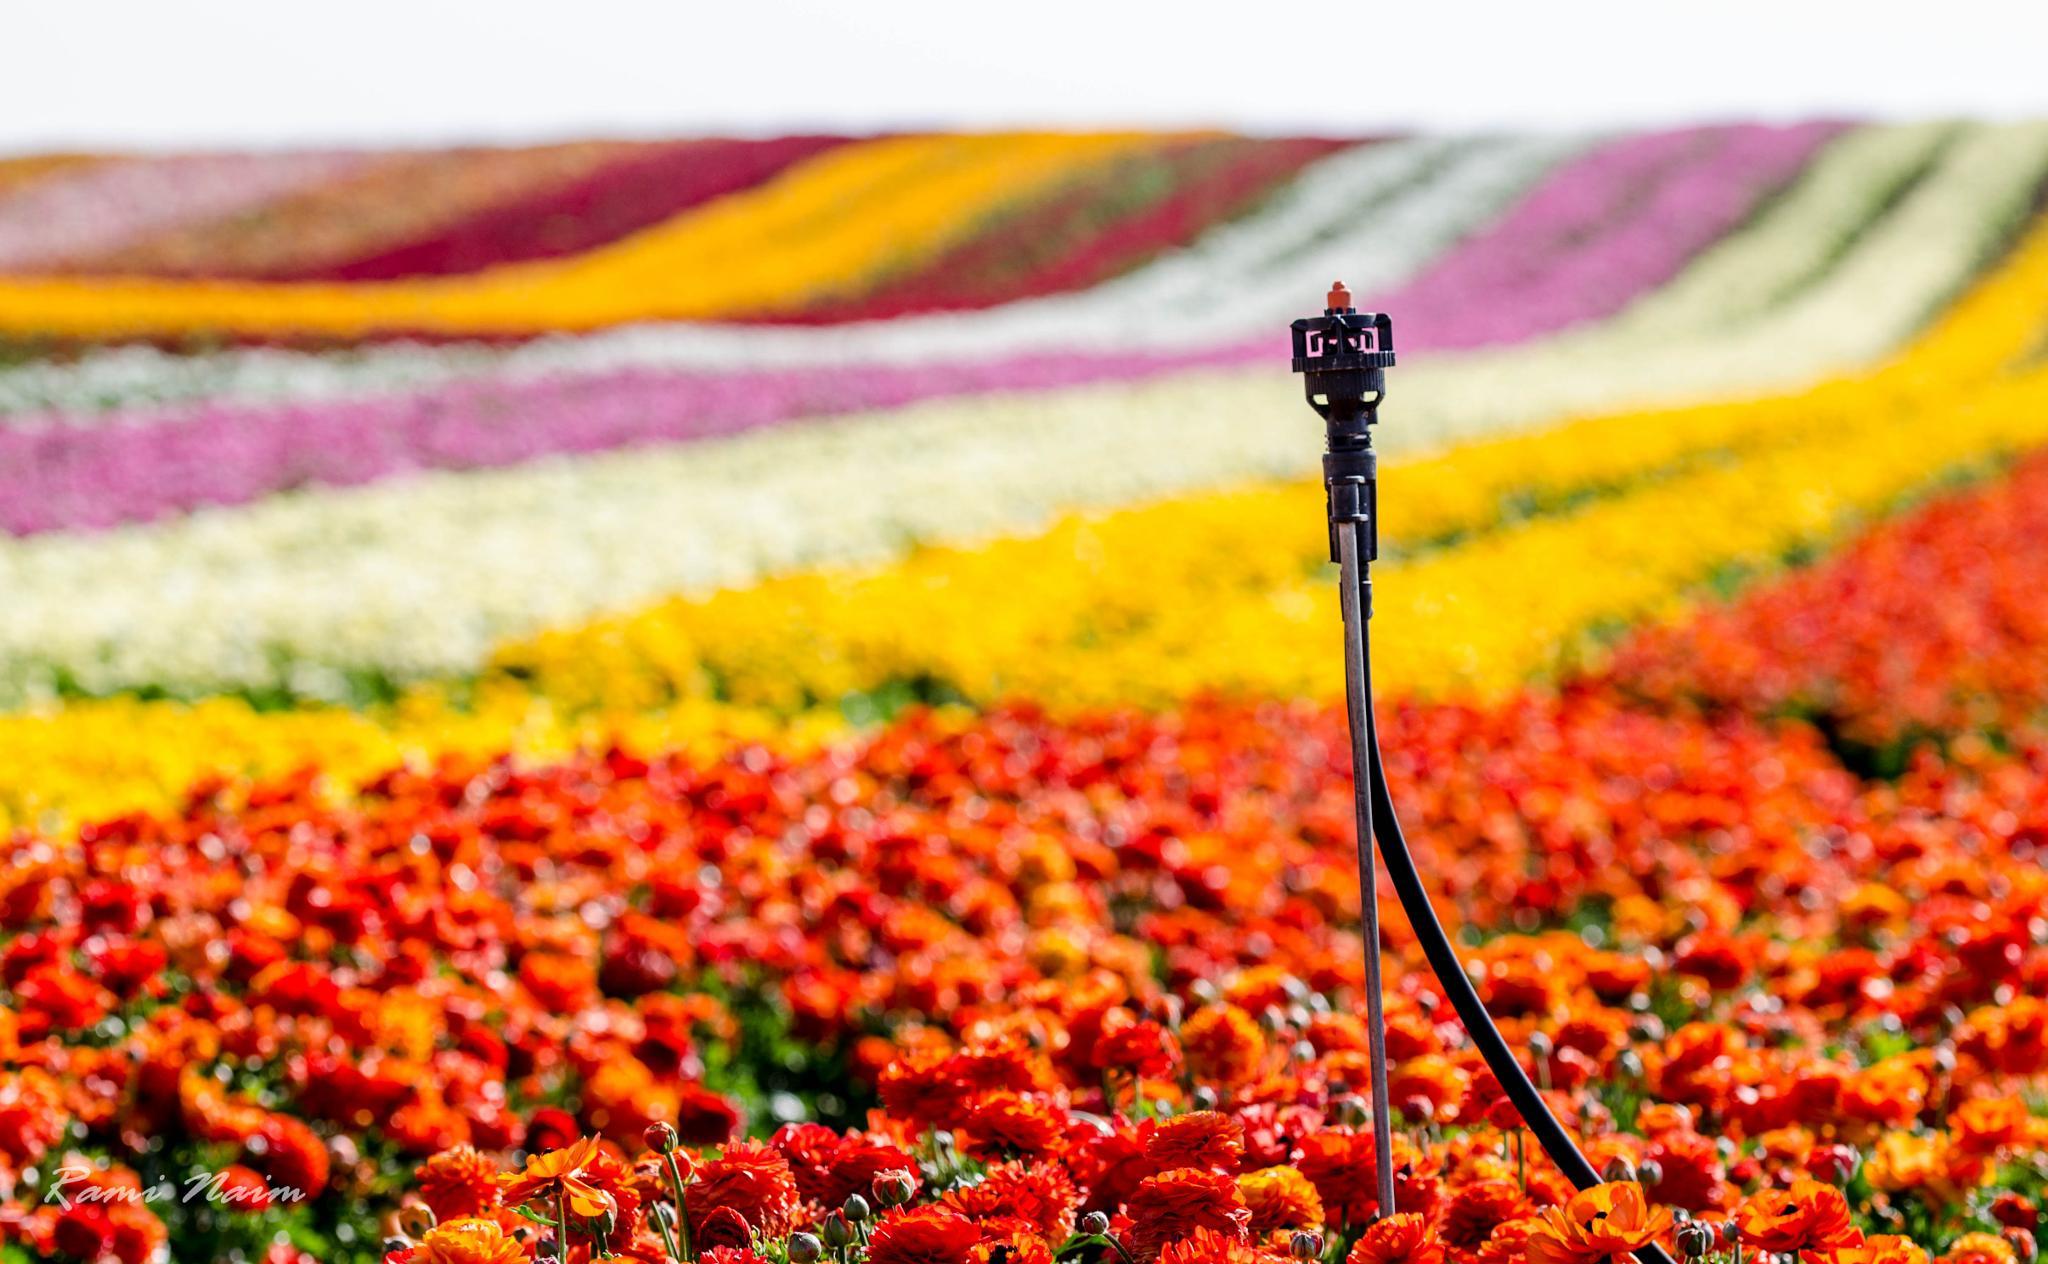 פרחים by raminaim